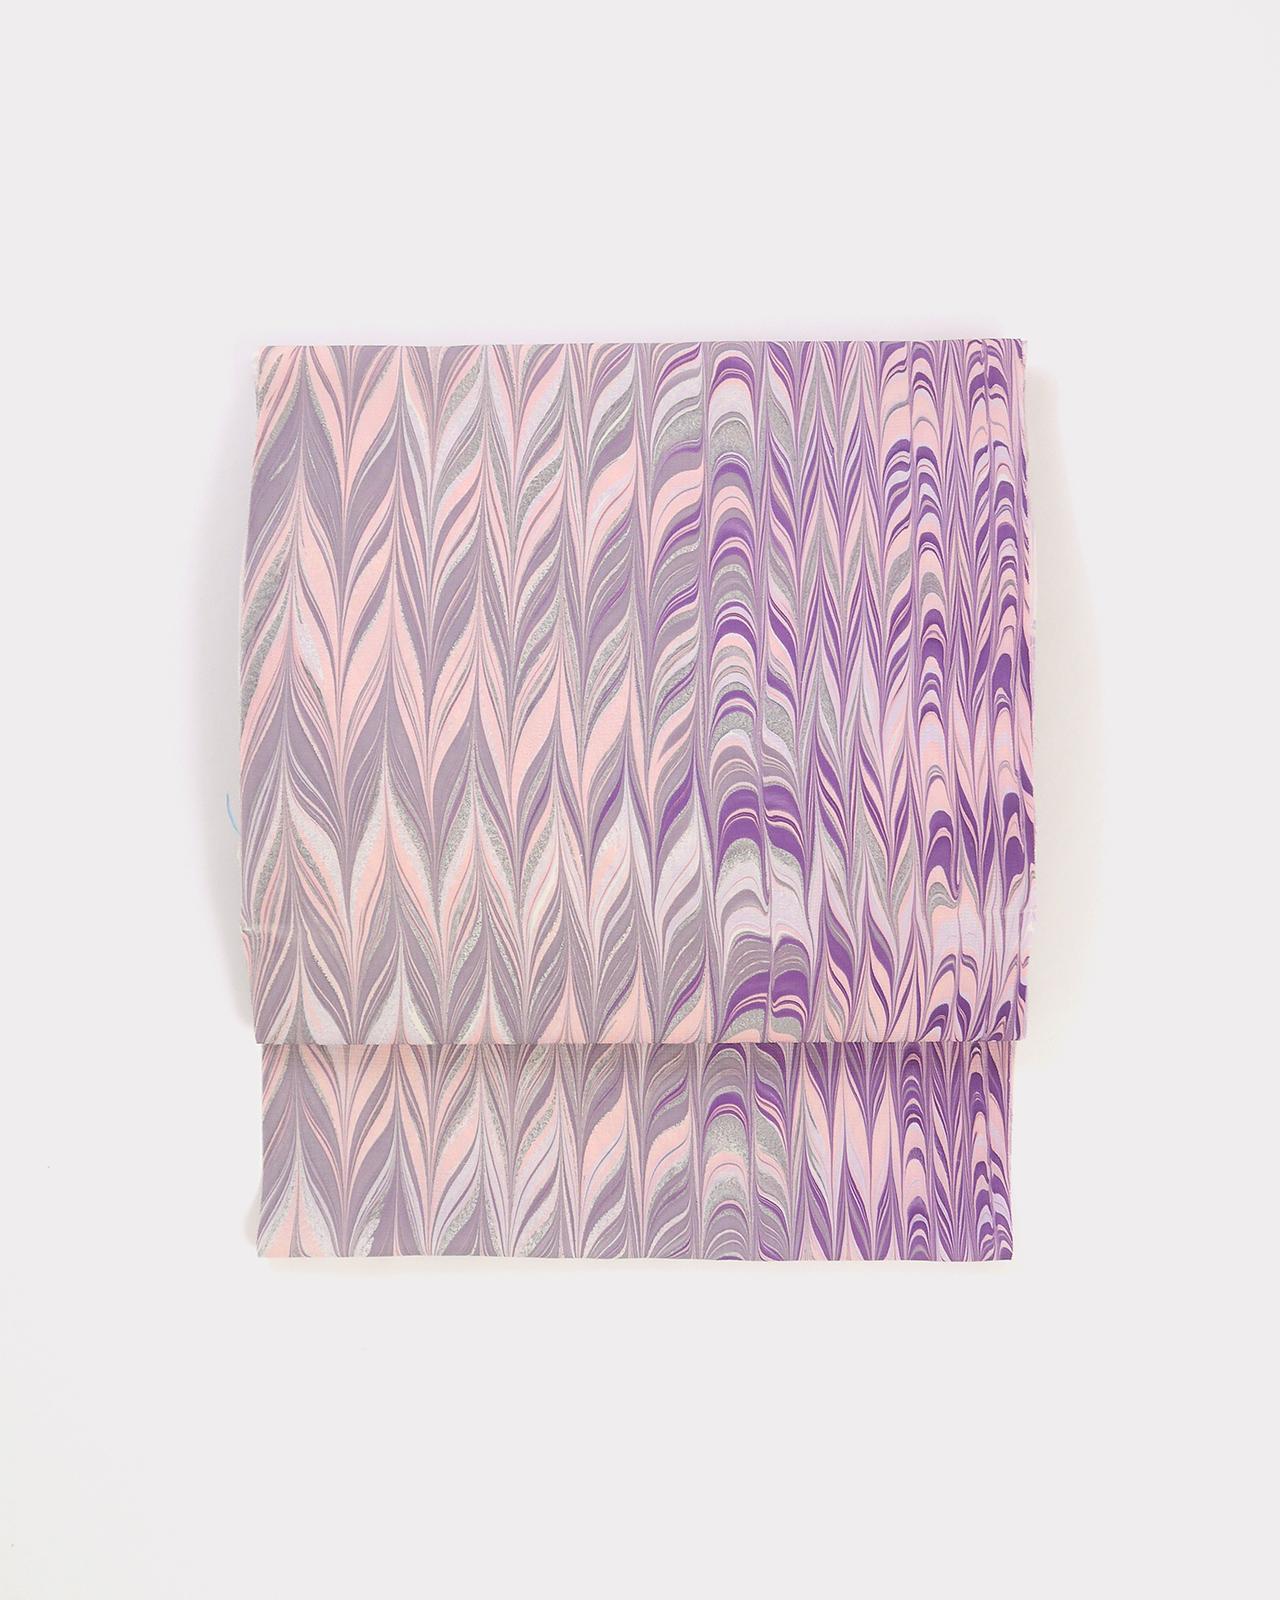 正絹名古屋帯 矢羽根 薄紅×灰桜×葡萄紫《仕立て込み》